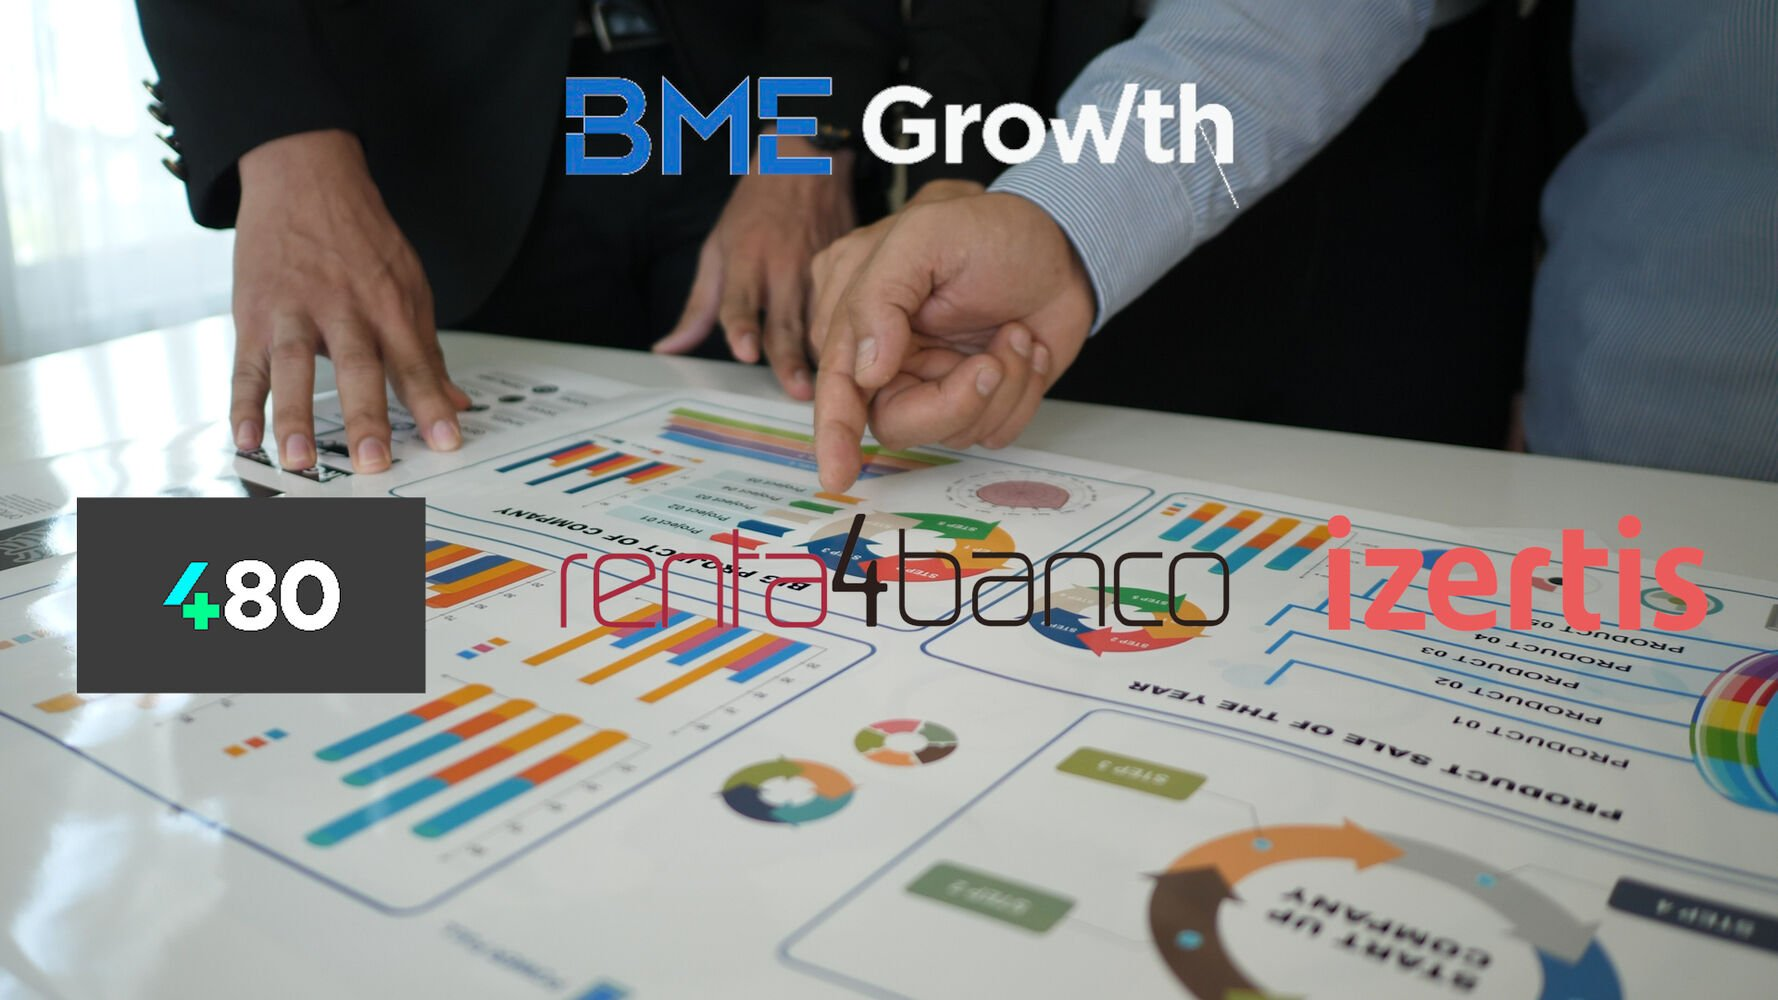 BME Growth: bondades de cotizar en el mercado las pymes